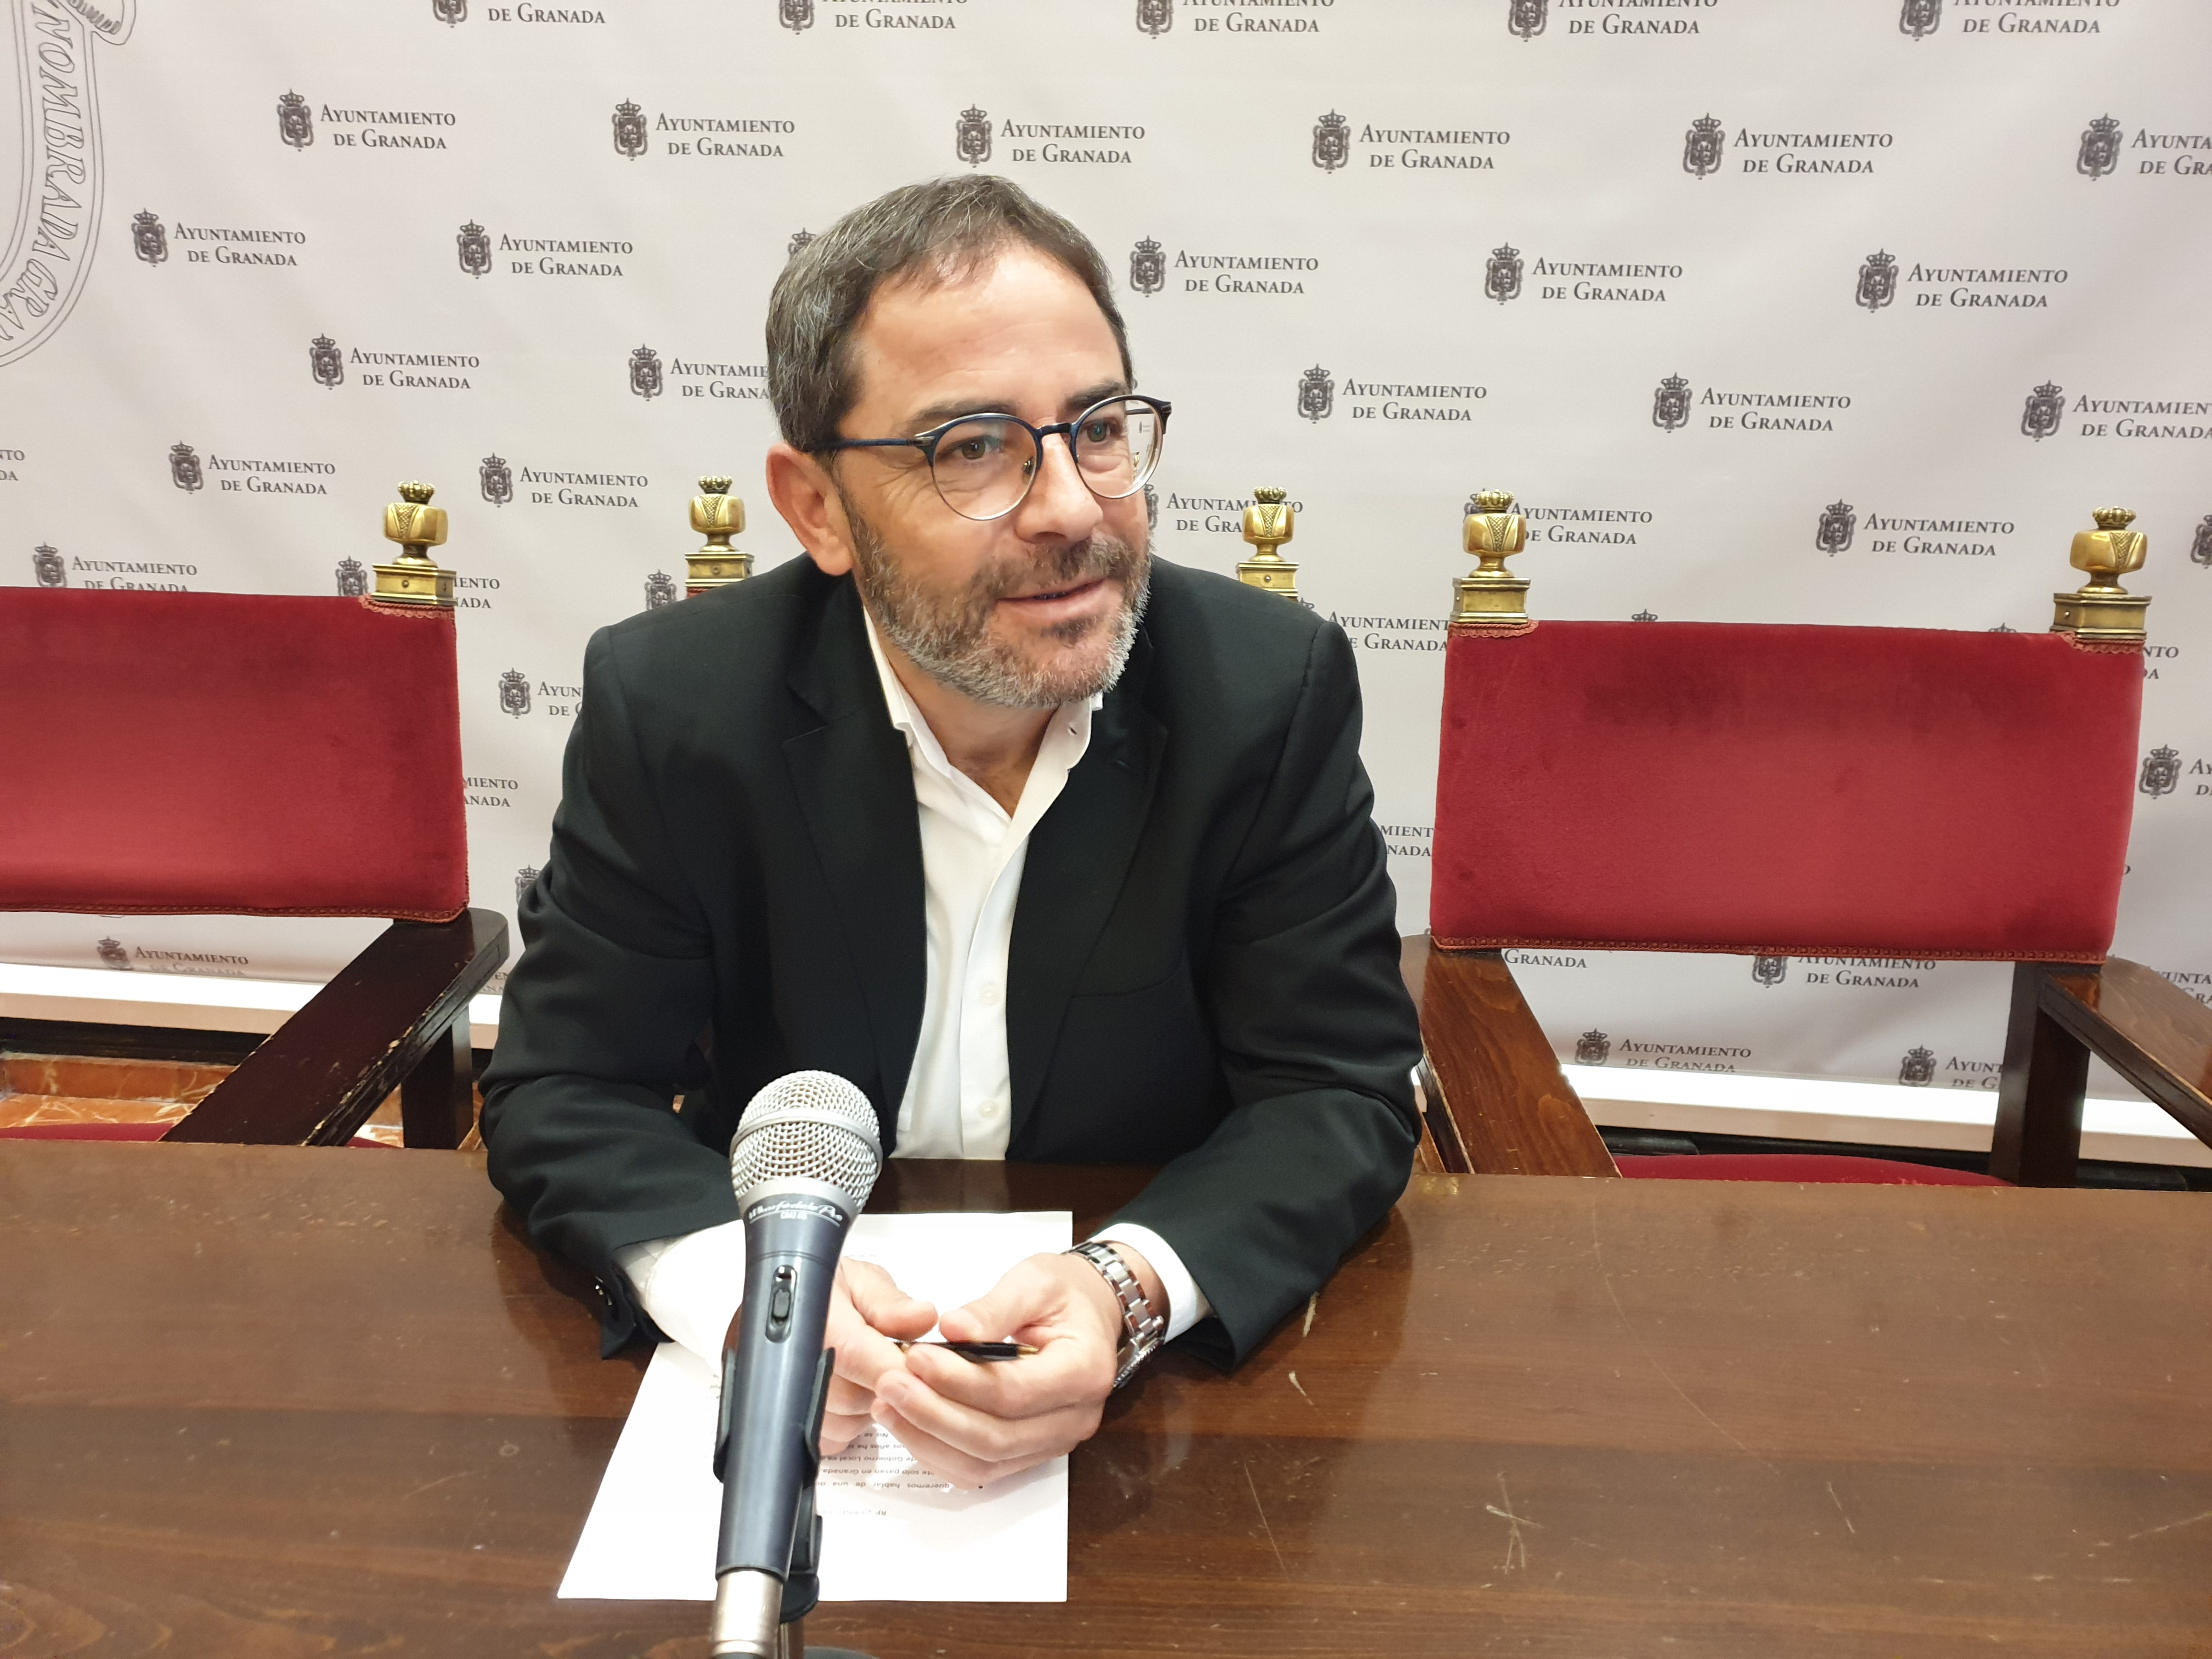 El PSOE critica la destitución del director del gabinete jurídico del Ayuntamiento